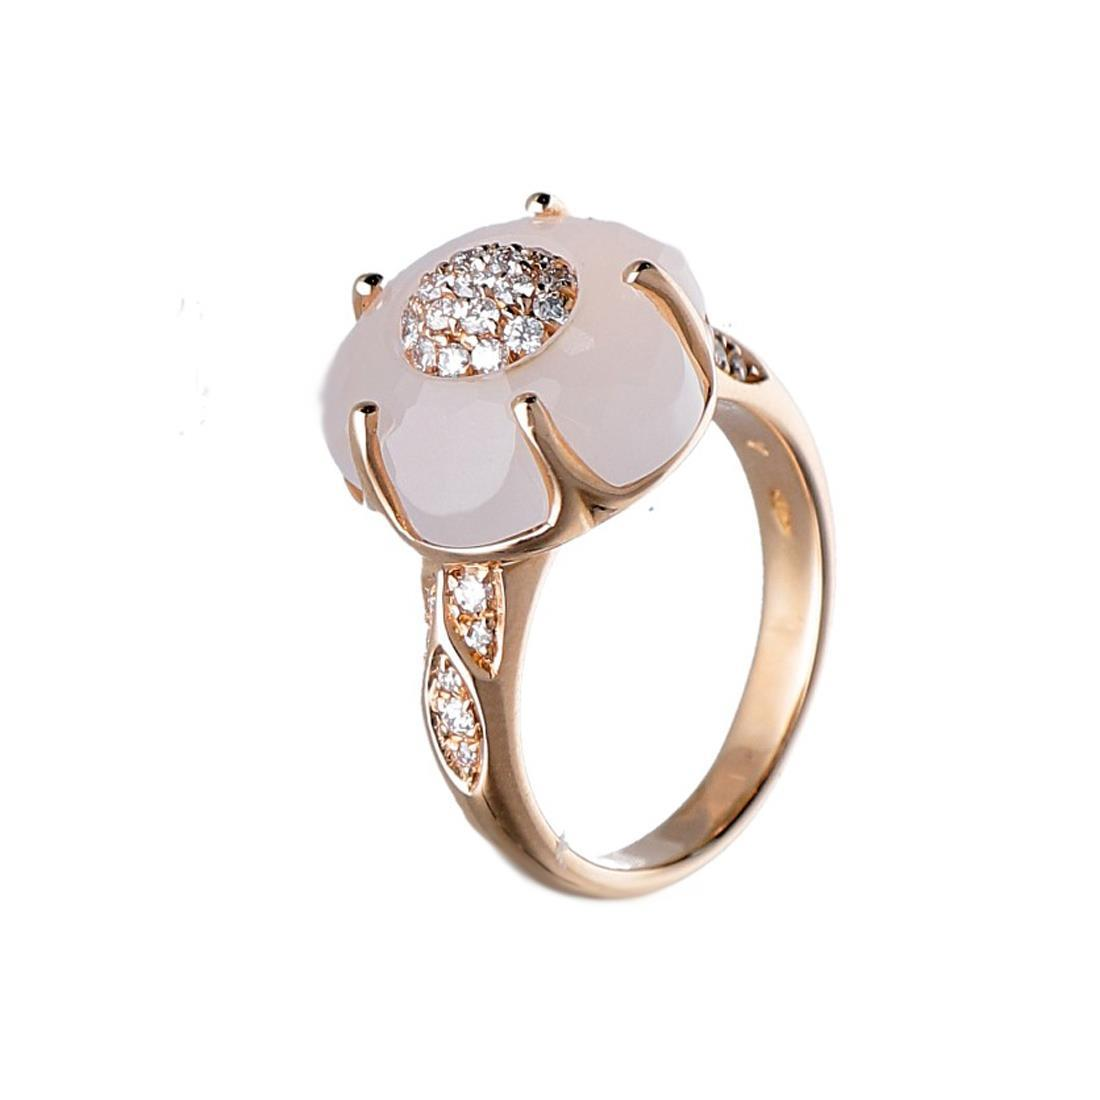 Anello con diamanti e quarzo - PASQUALE BRUNI